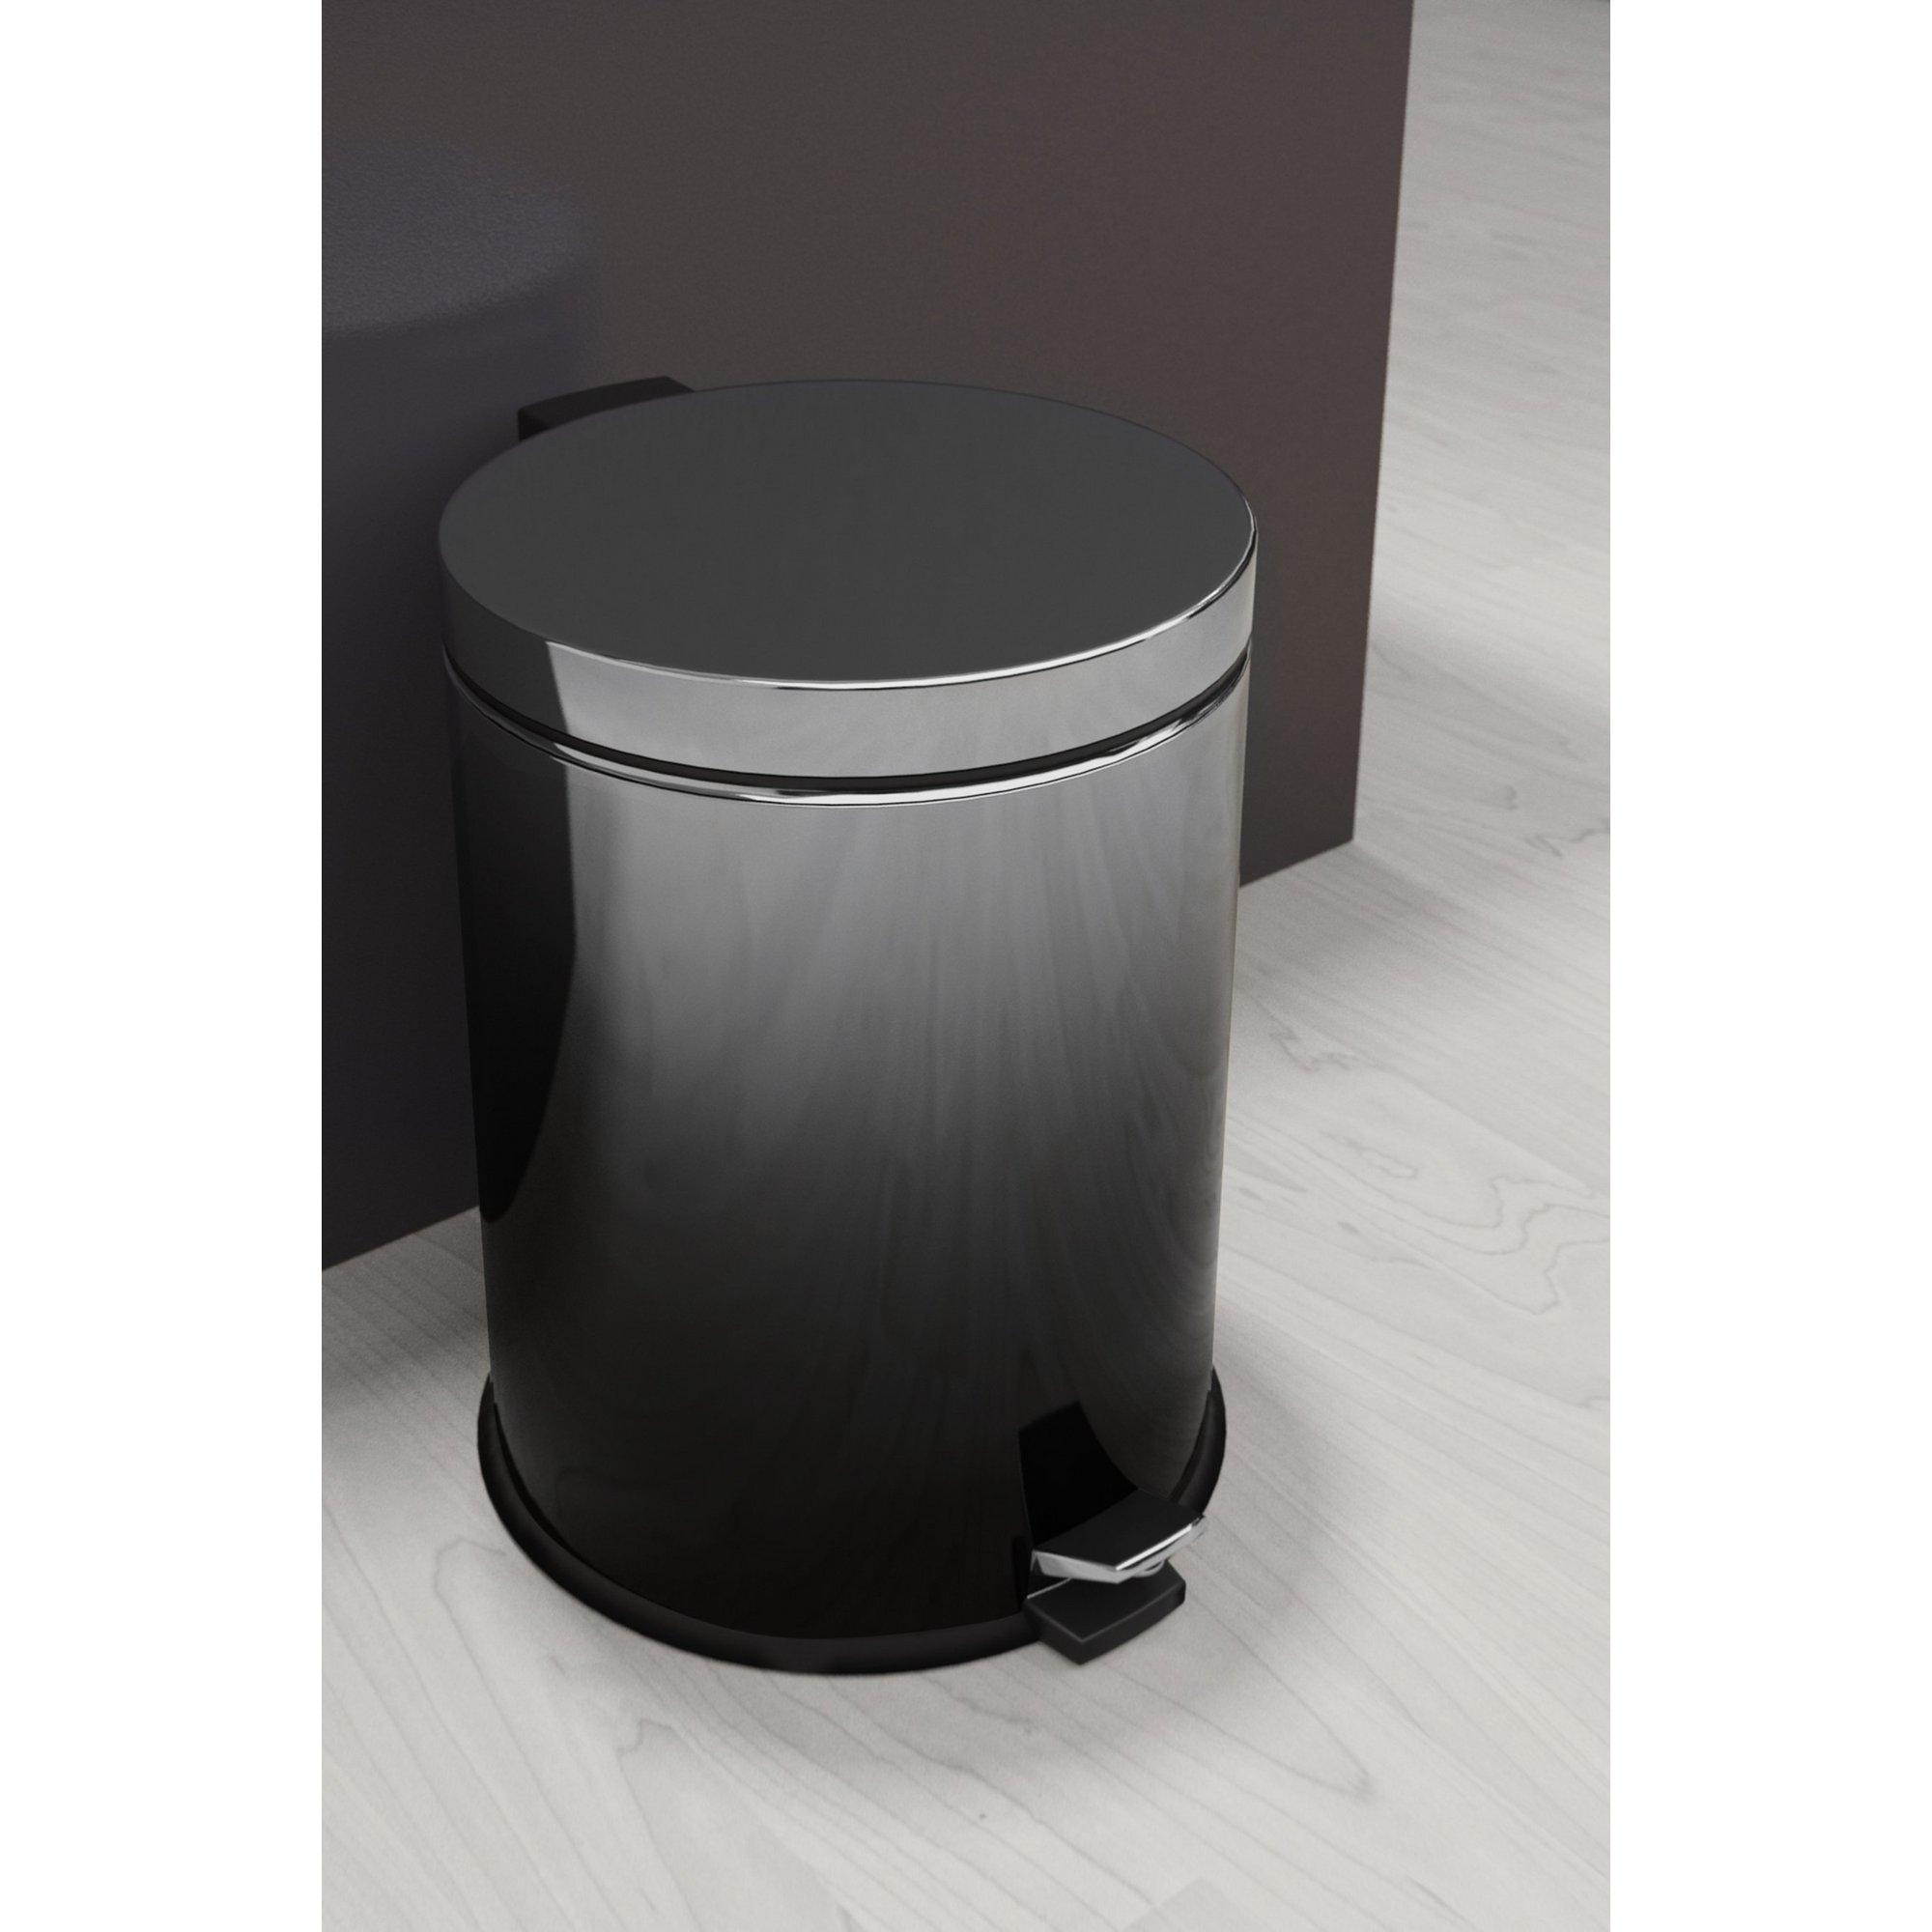 Image of Callisto Black Ombre Pedal Bin